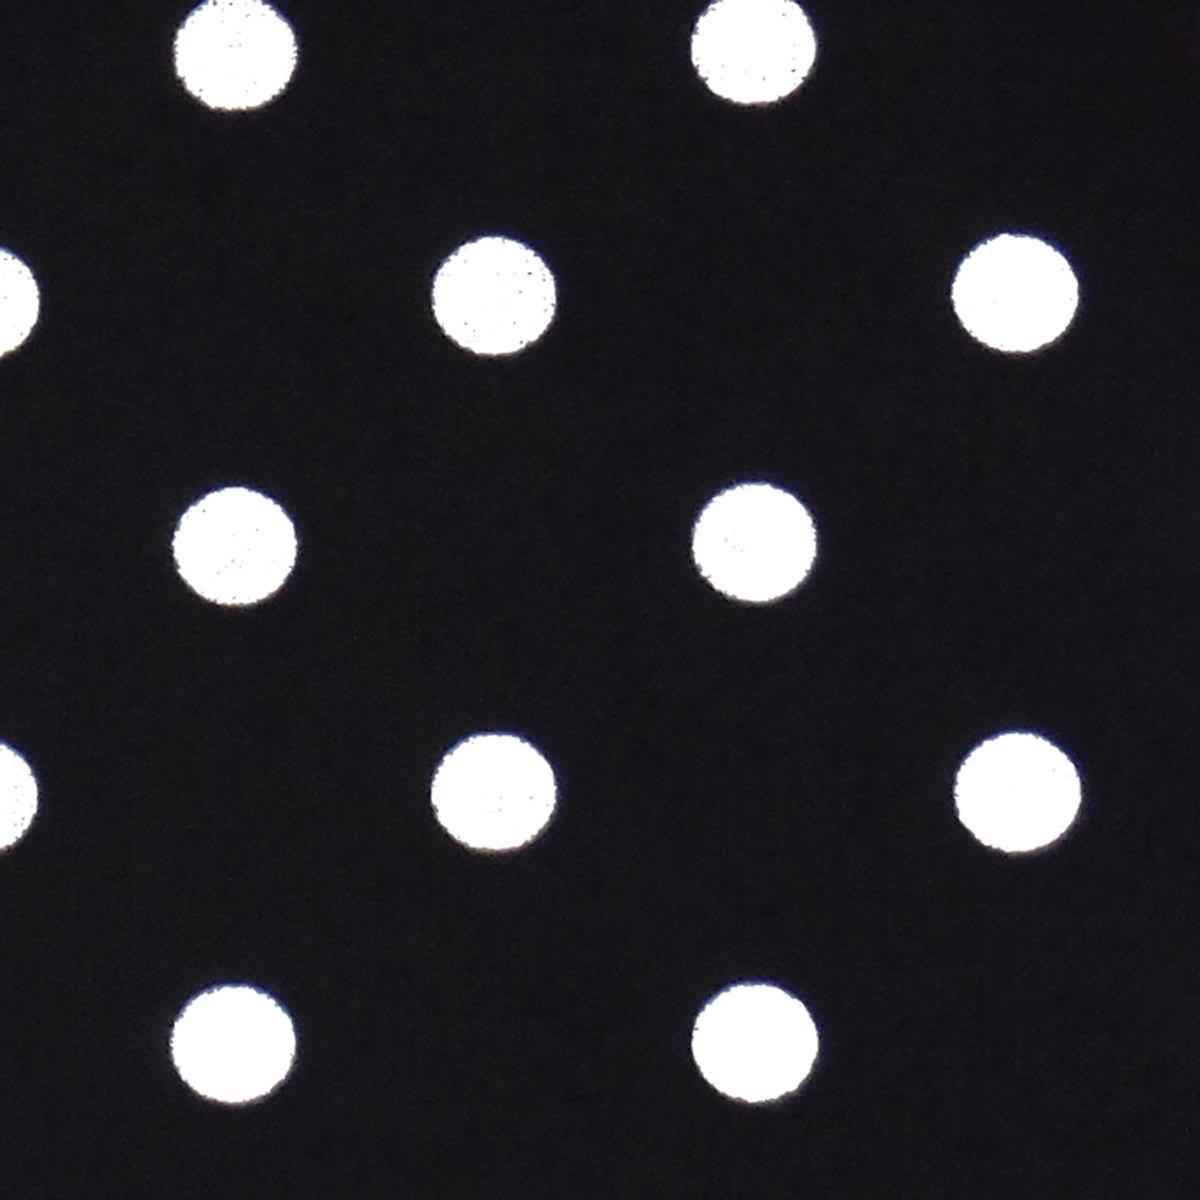 16 Toweling White Polka Dot on Black